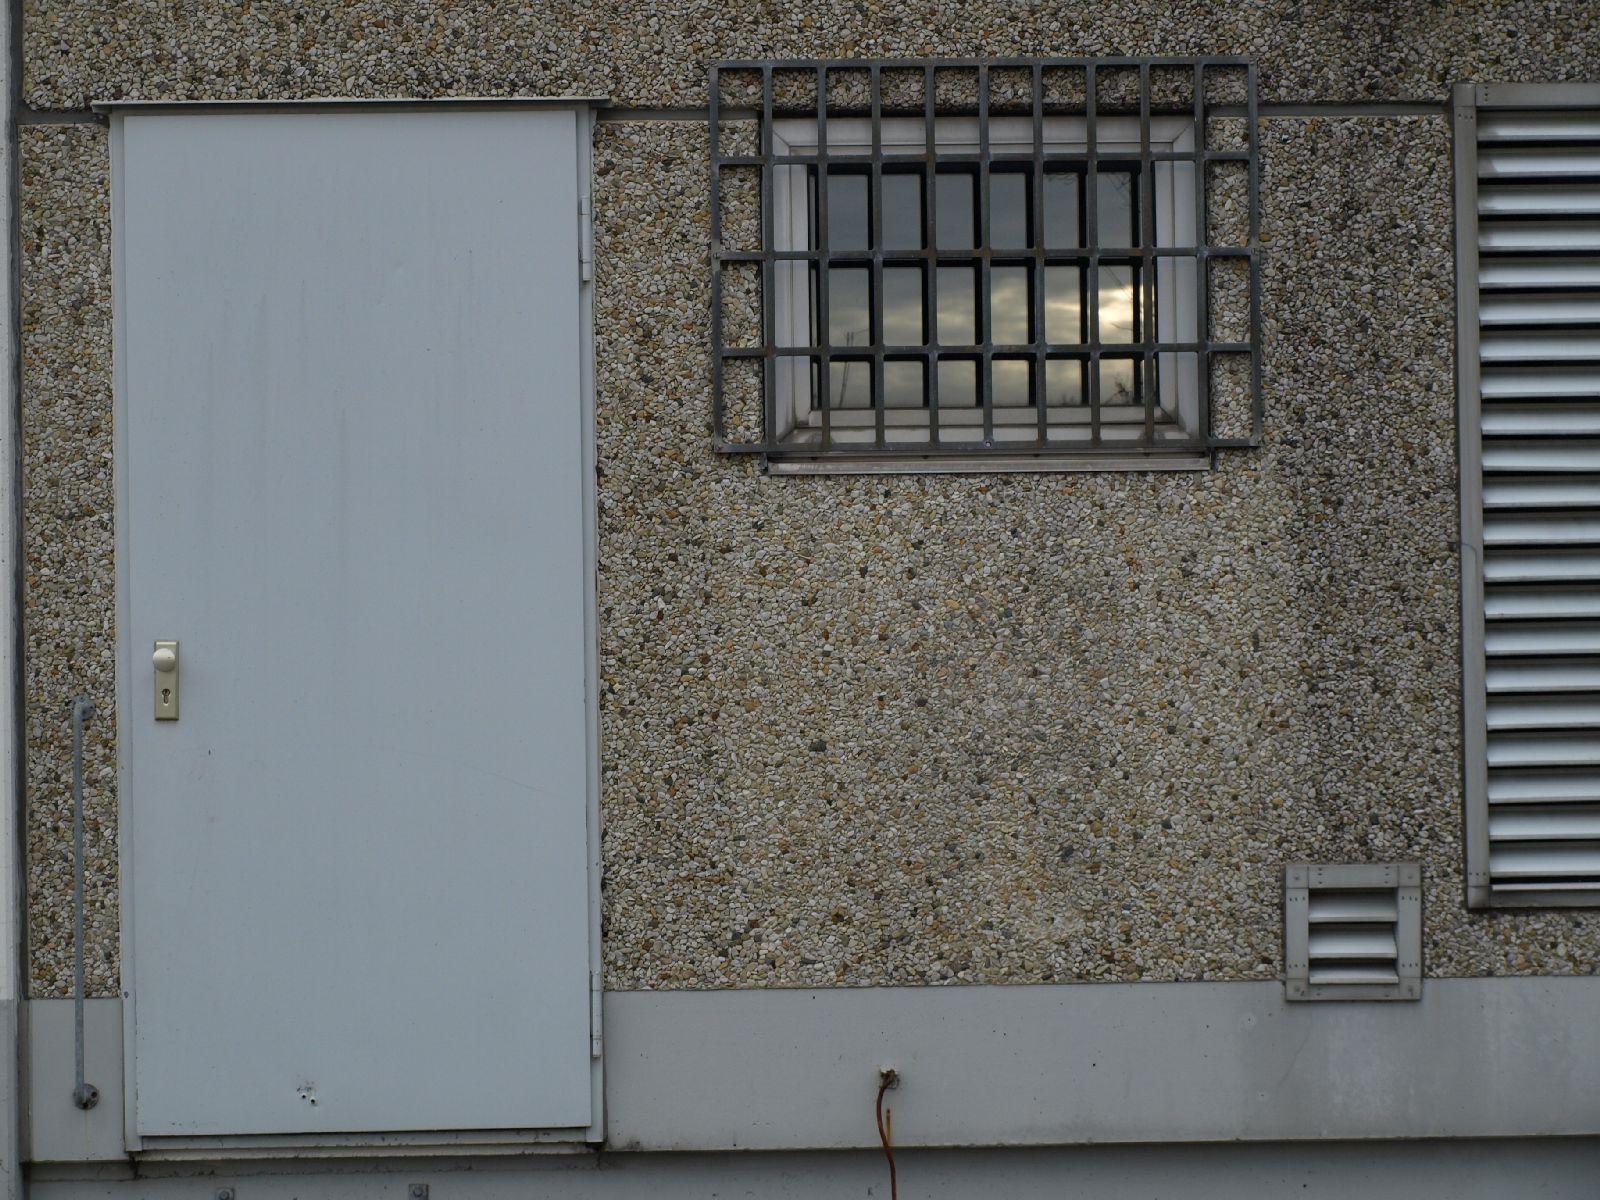 Gebaeude-Tueren-Fenster_Textur_A_PB026435